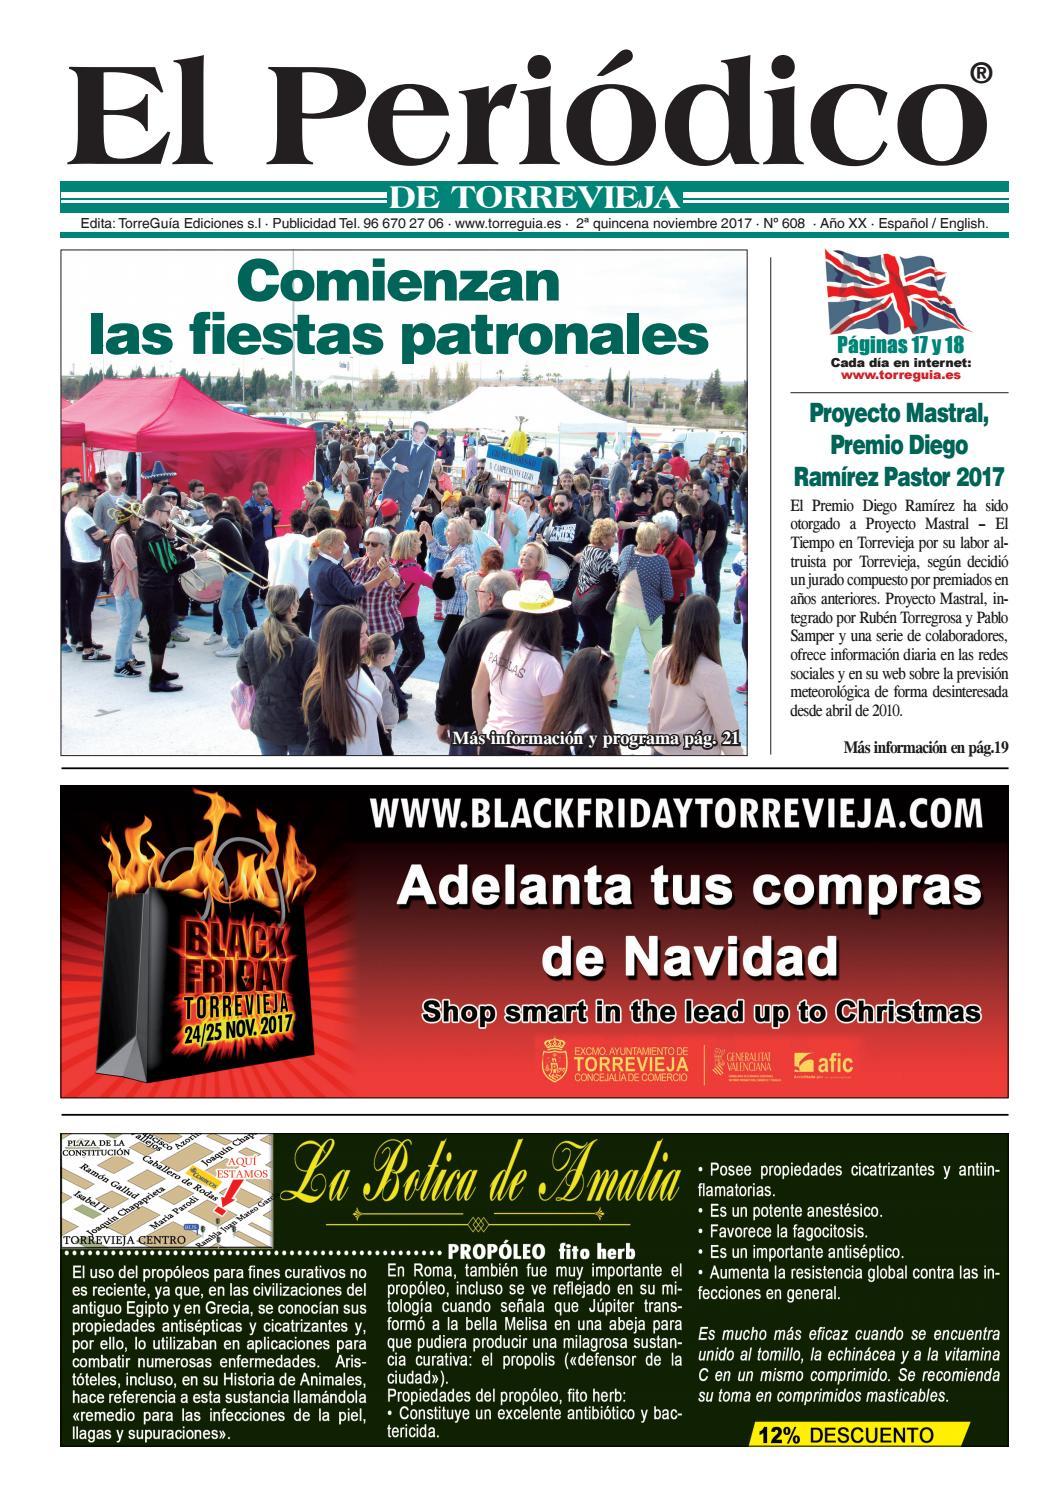 El Periódico de Torrevieja nº608 by Torreguía Ediciones issuu